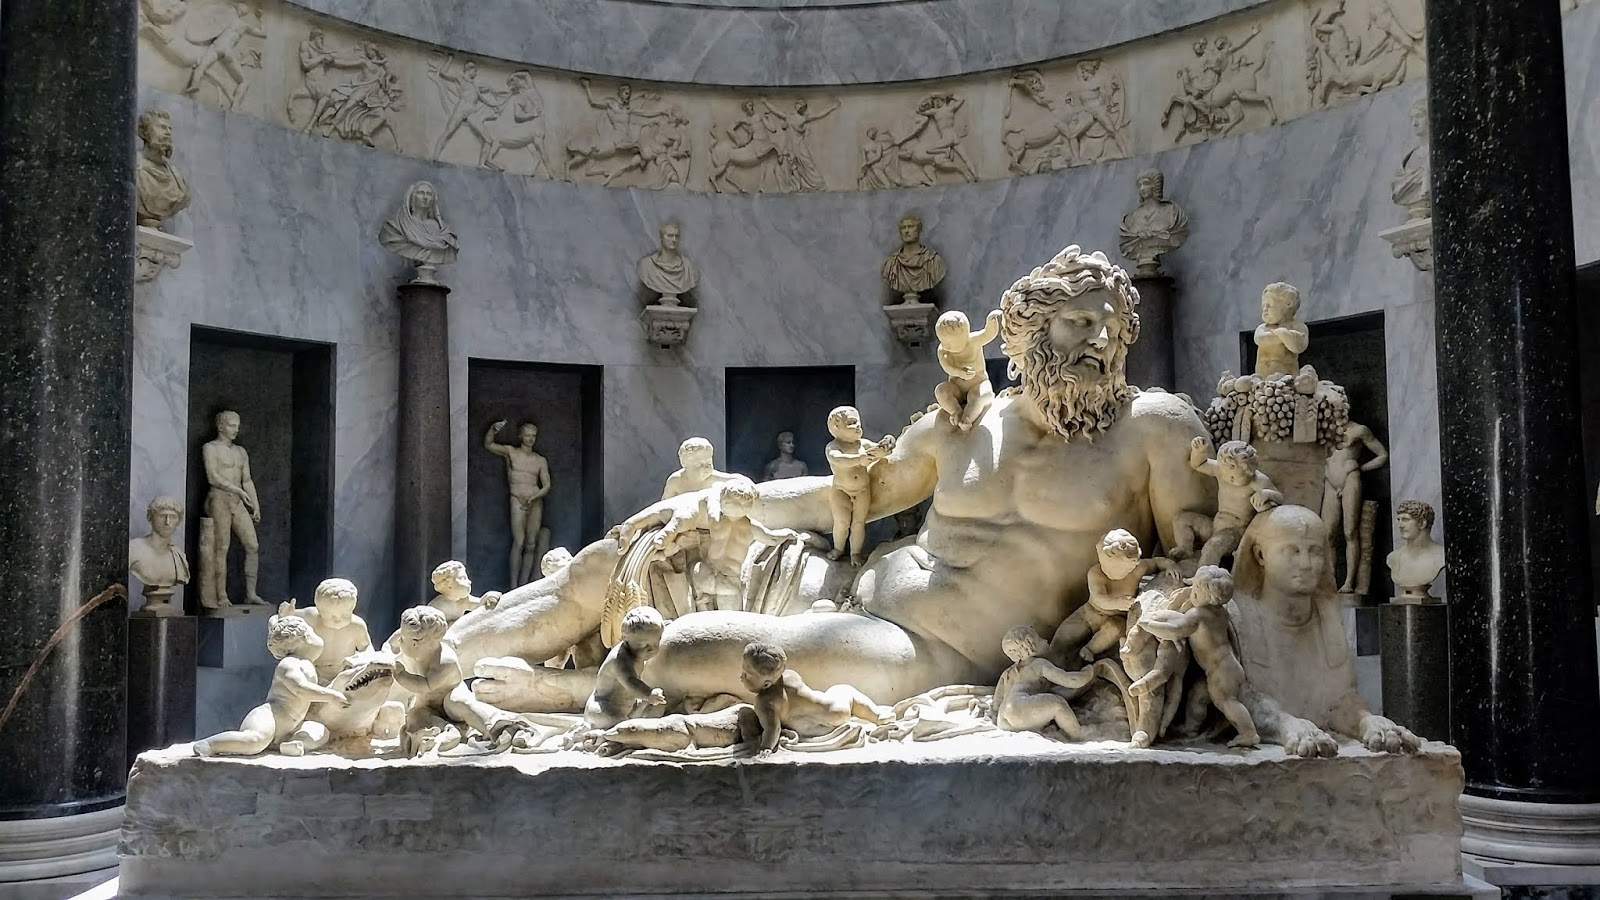 Estátuas dos deuses do panteão grego